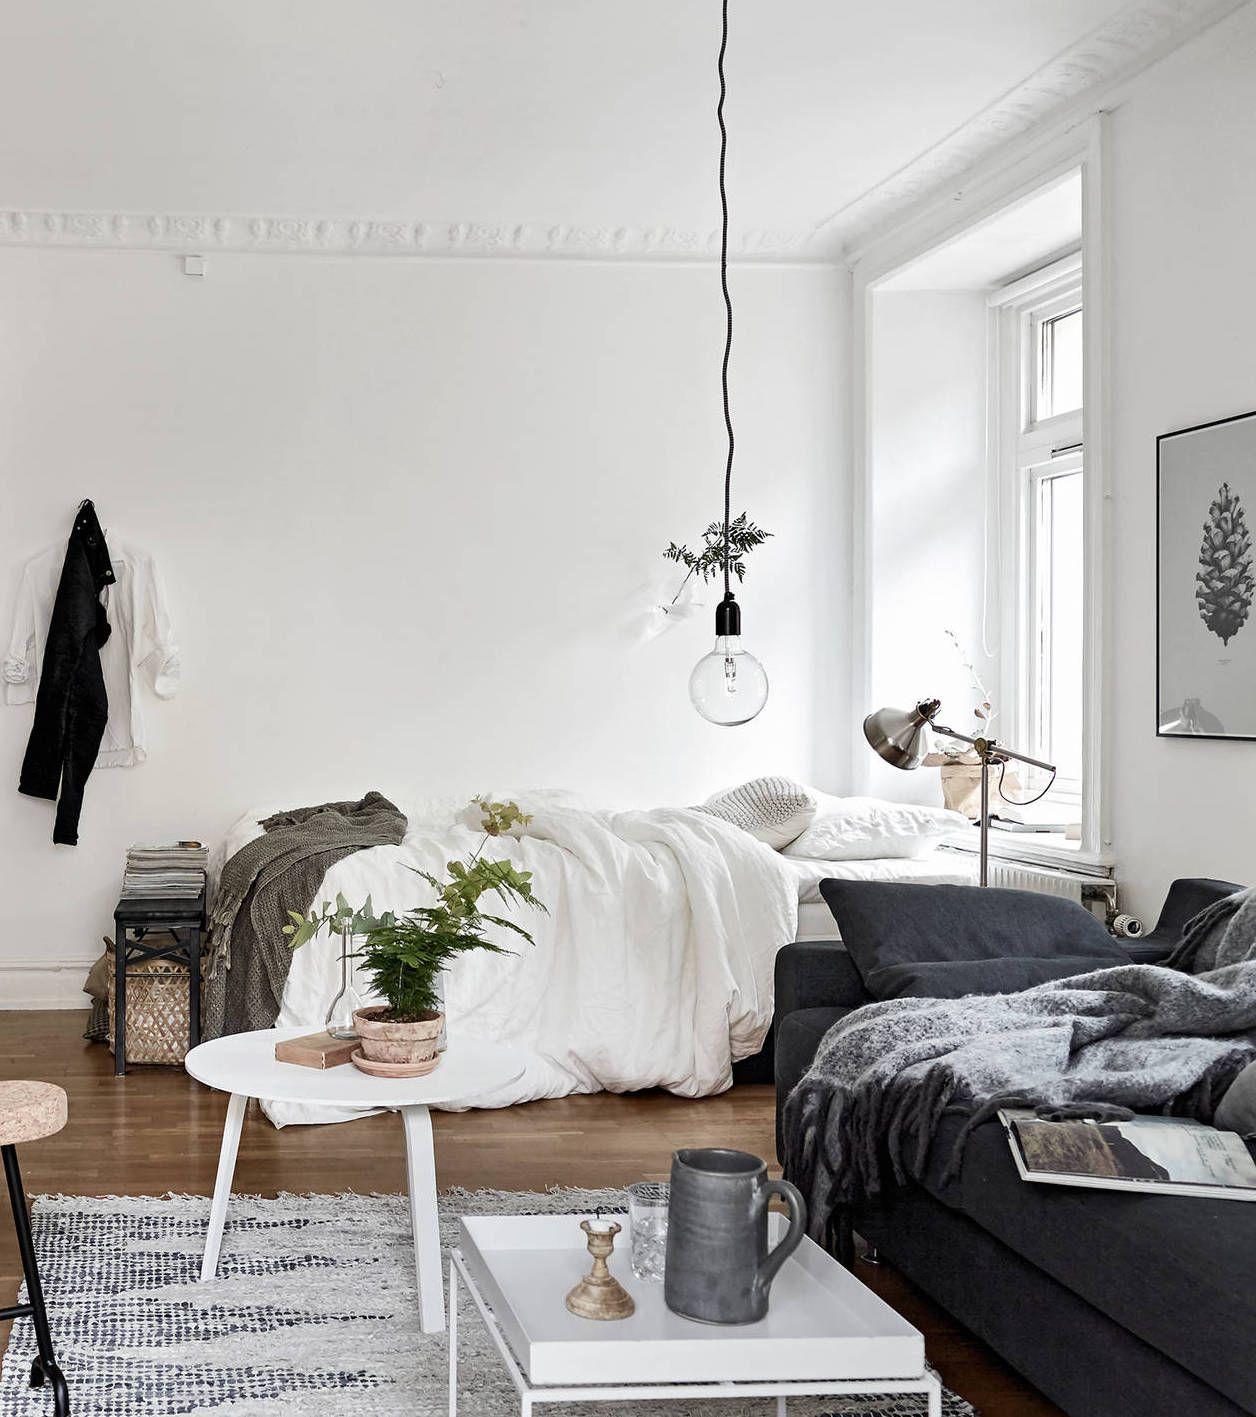 Cozy one room flat - via cocolapinedesign.com … | Pinteres…